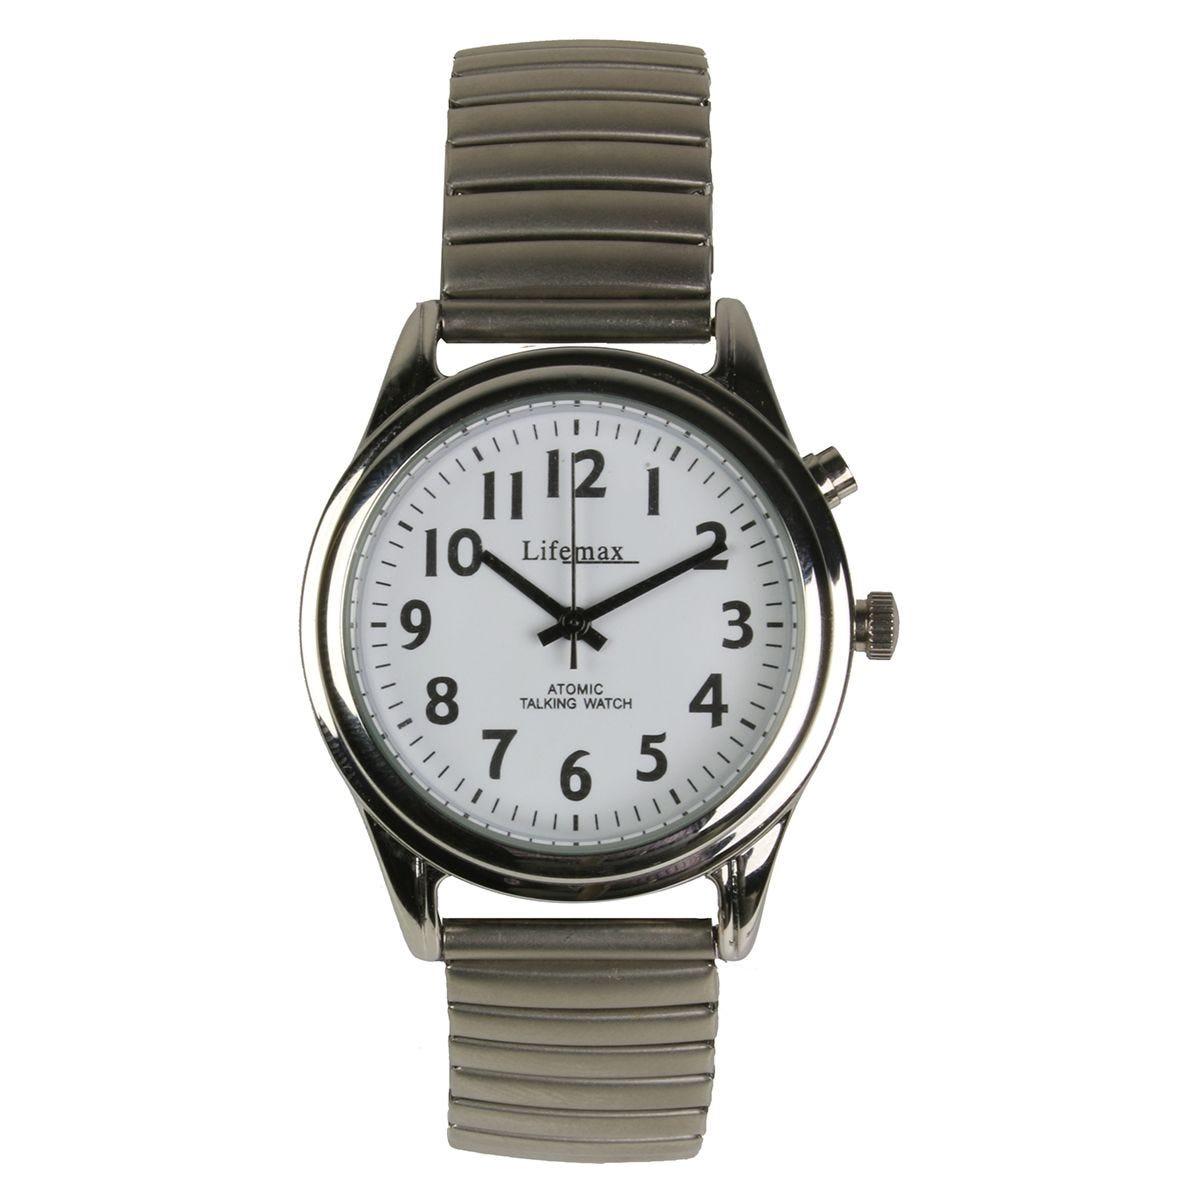 Lifemax RNIB Talking Atomic Watch - Gents Expanding Bracelet